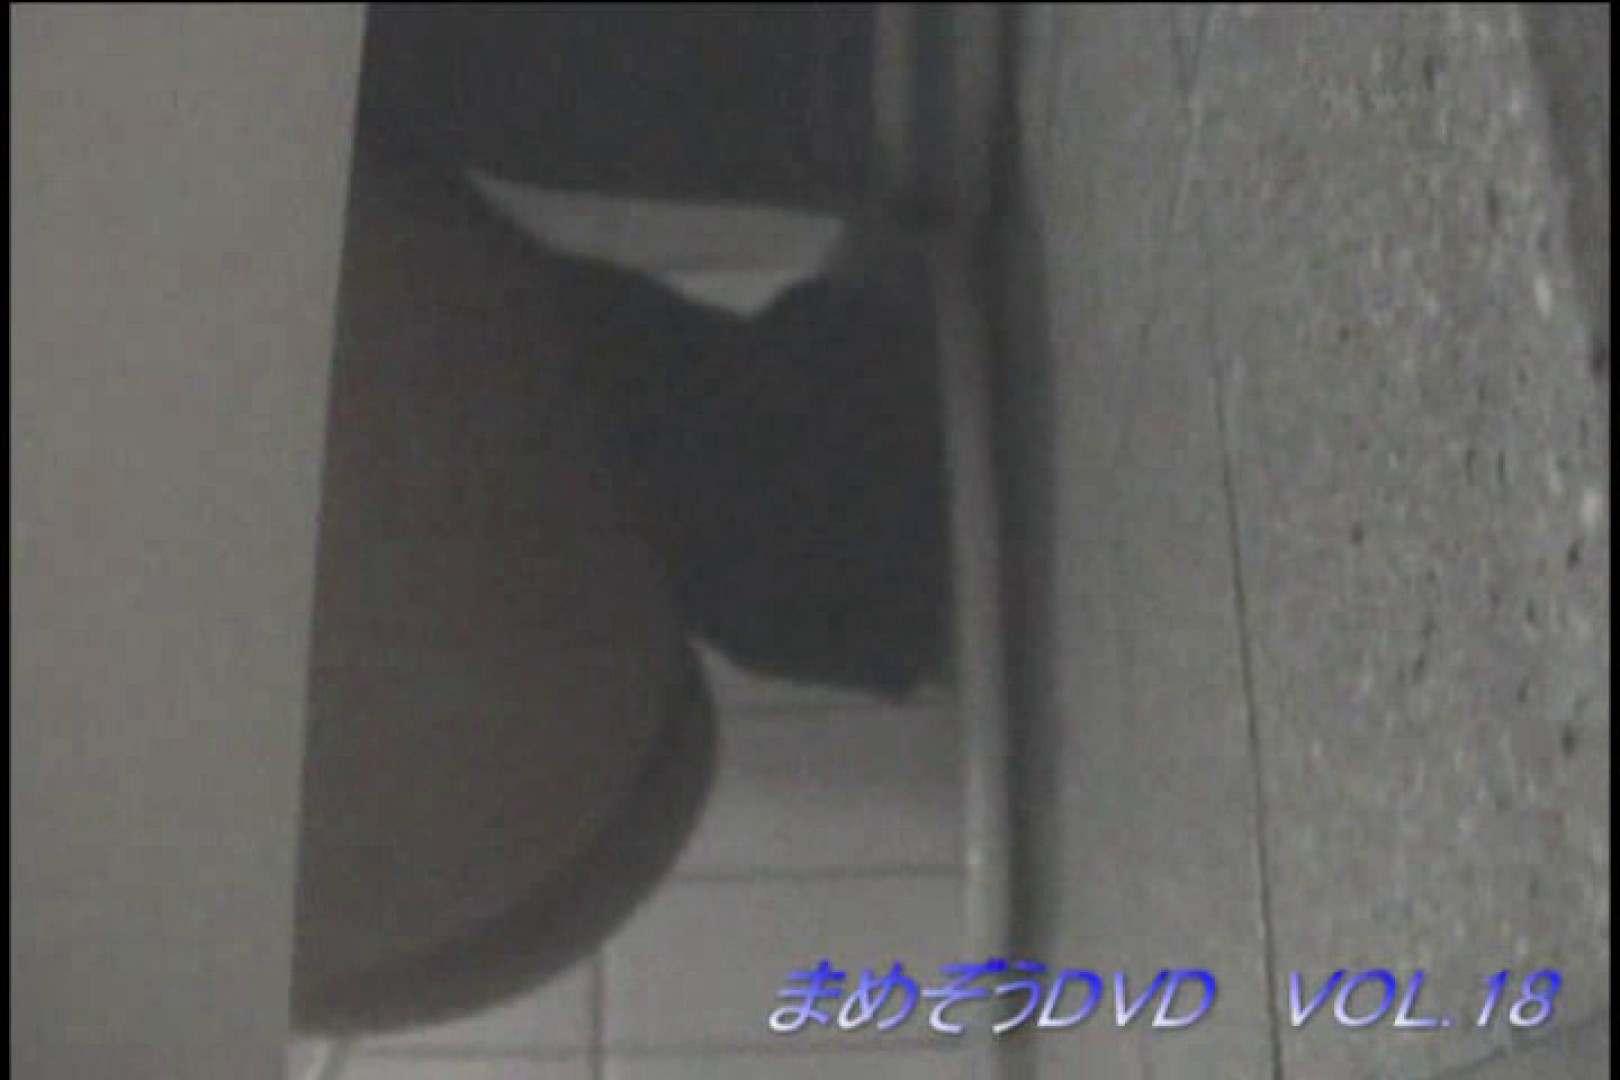 まめぞうDVD完全版VOL.18 ギャル盗撮映像  76PIX 4